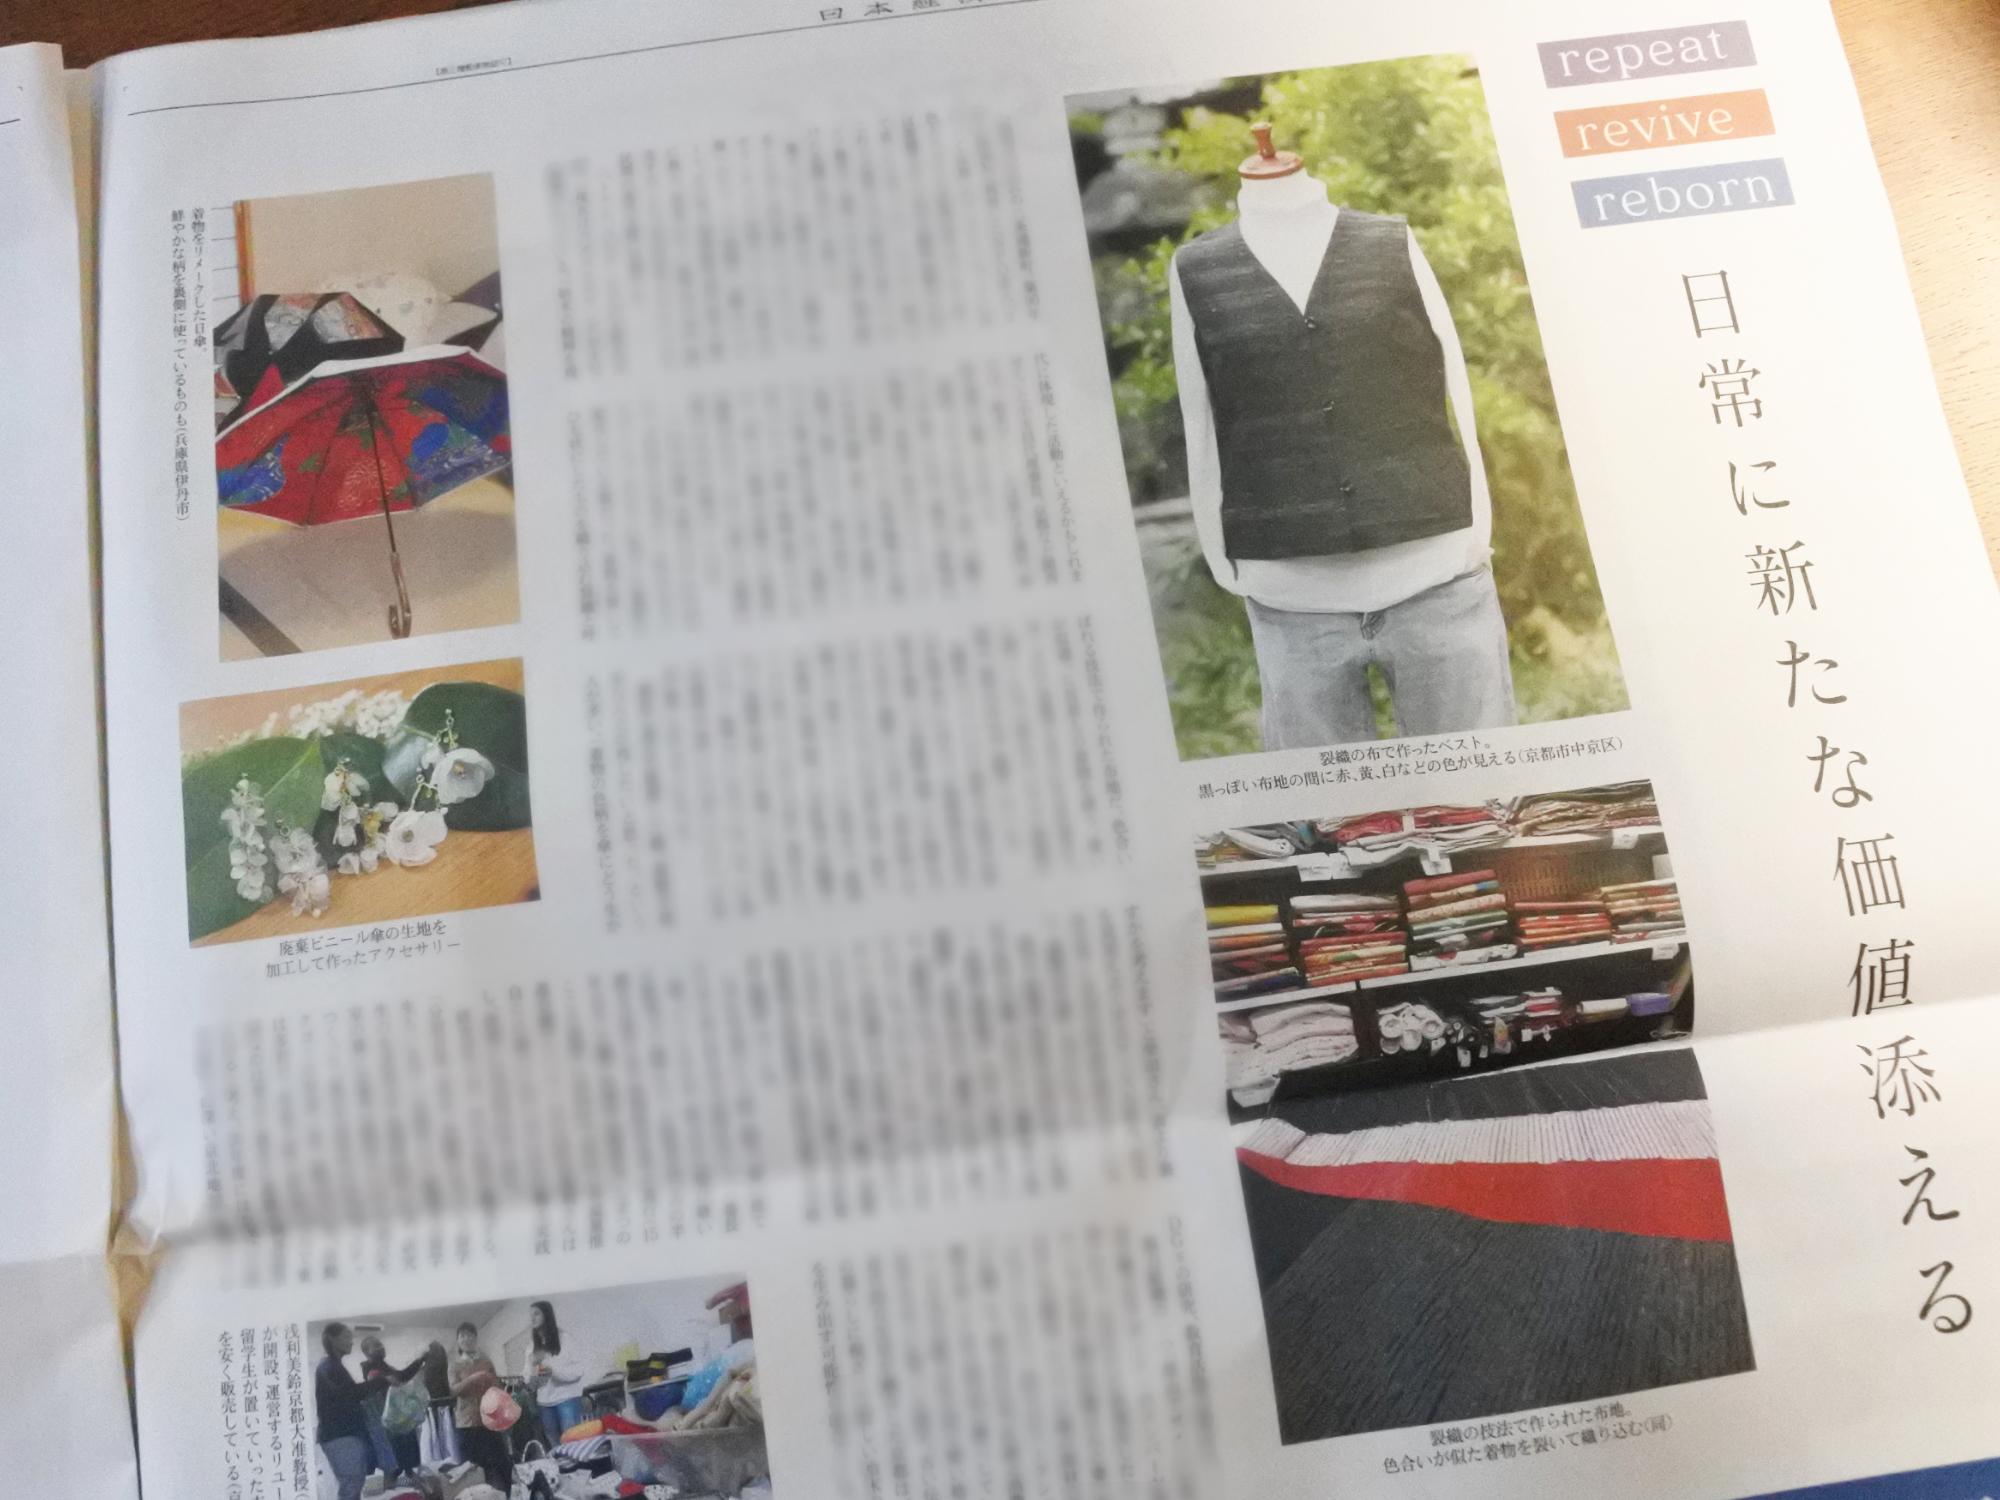 日本経済新聞にて取材記事を掲載して頂きました!